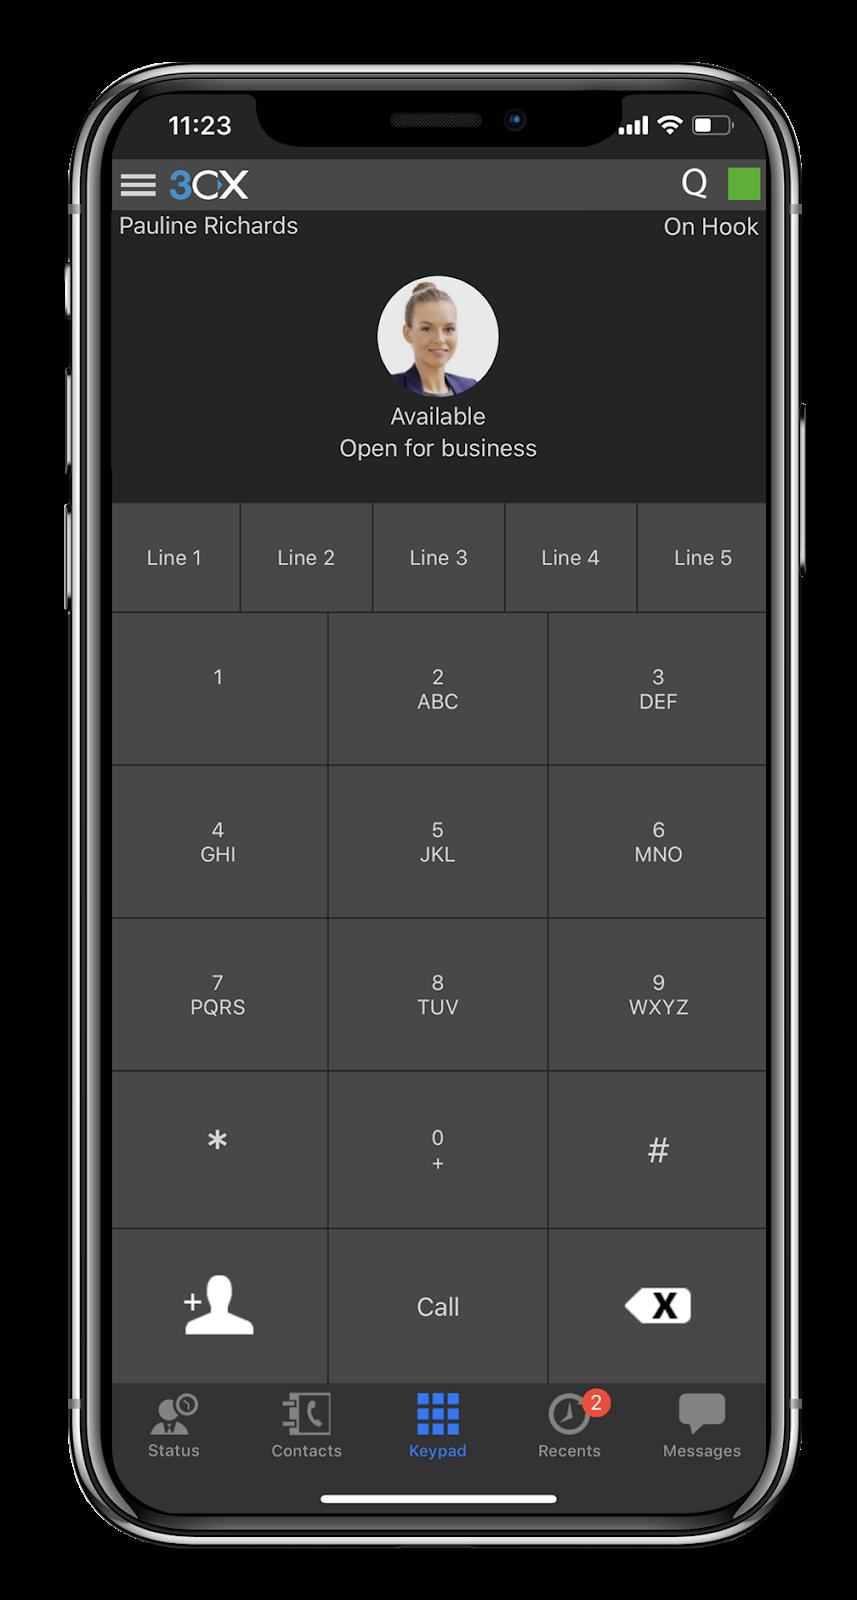 L'application iOS de 3CX